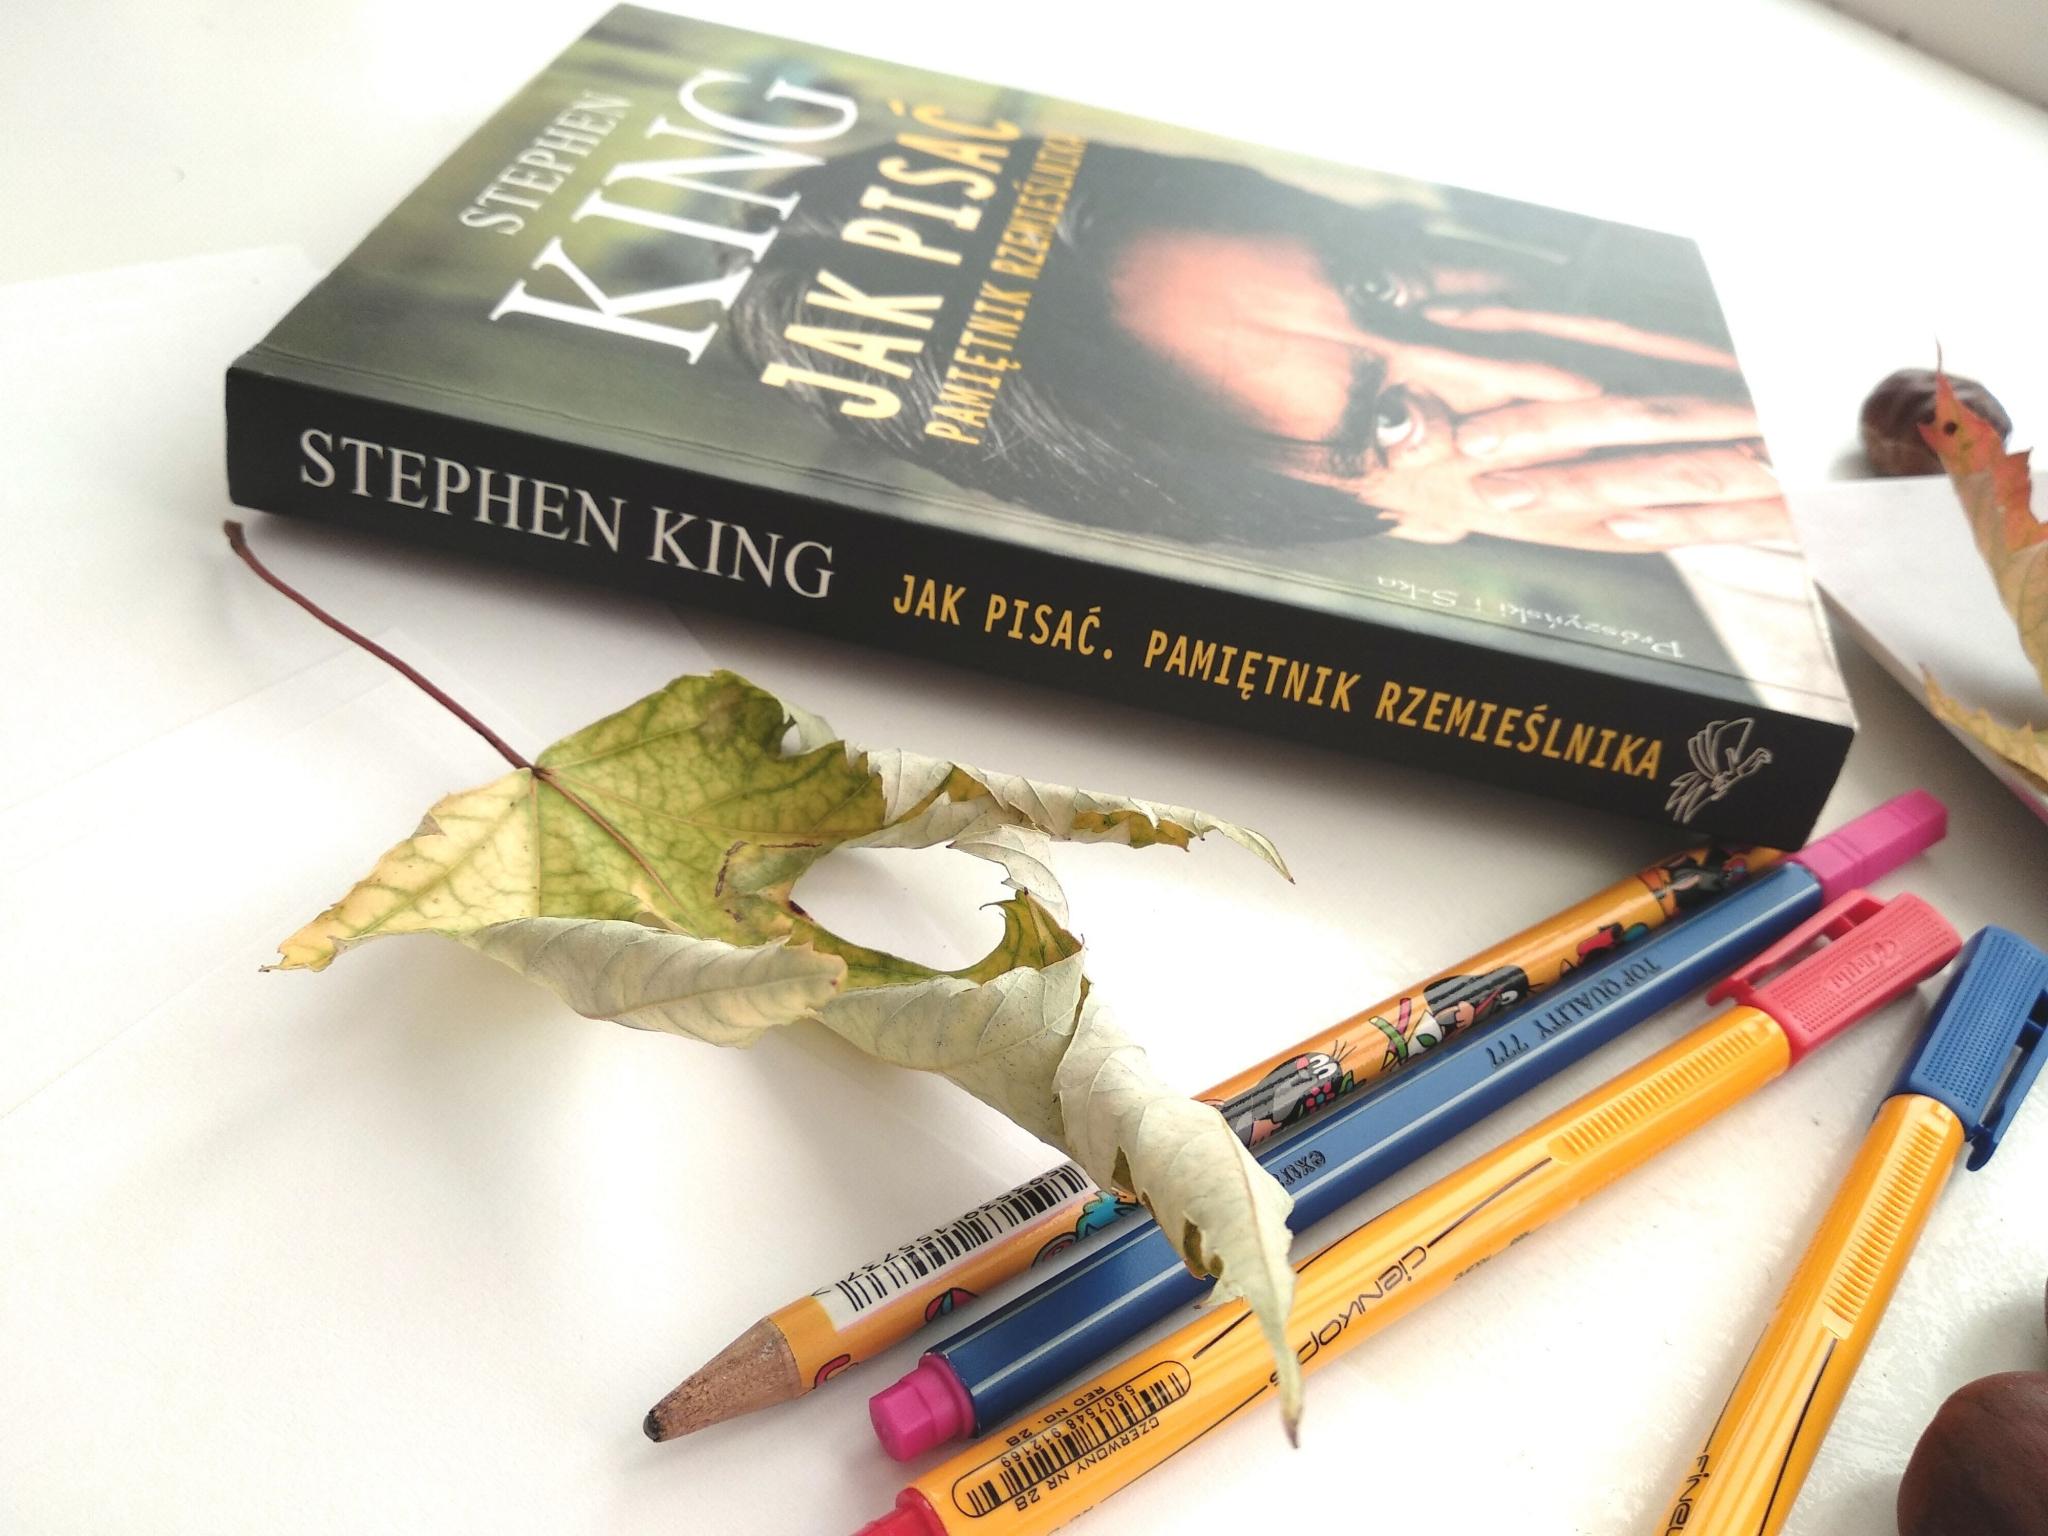 Jak pisać